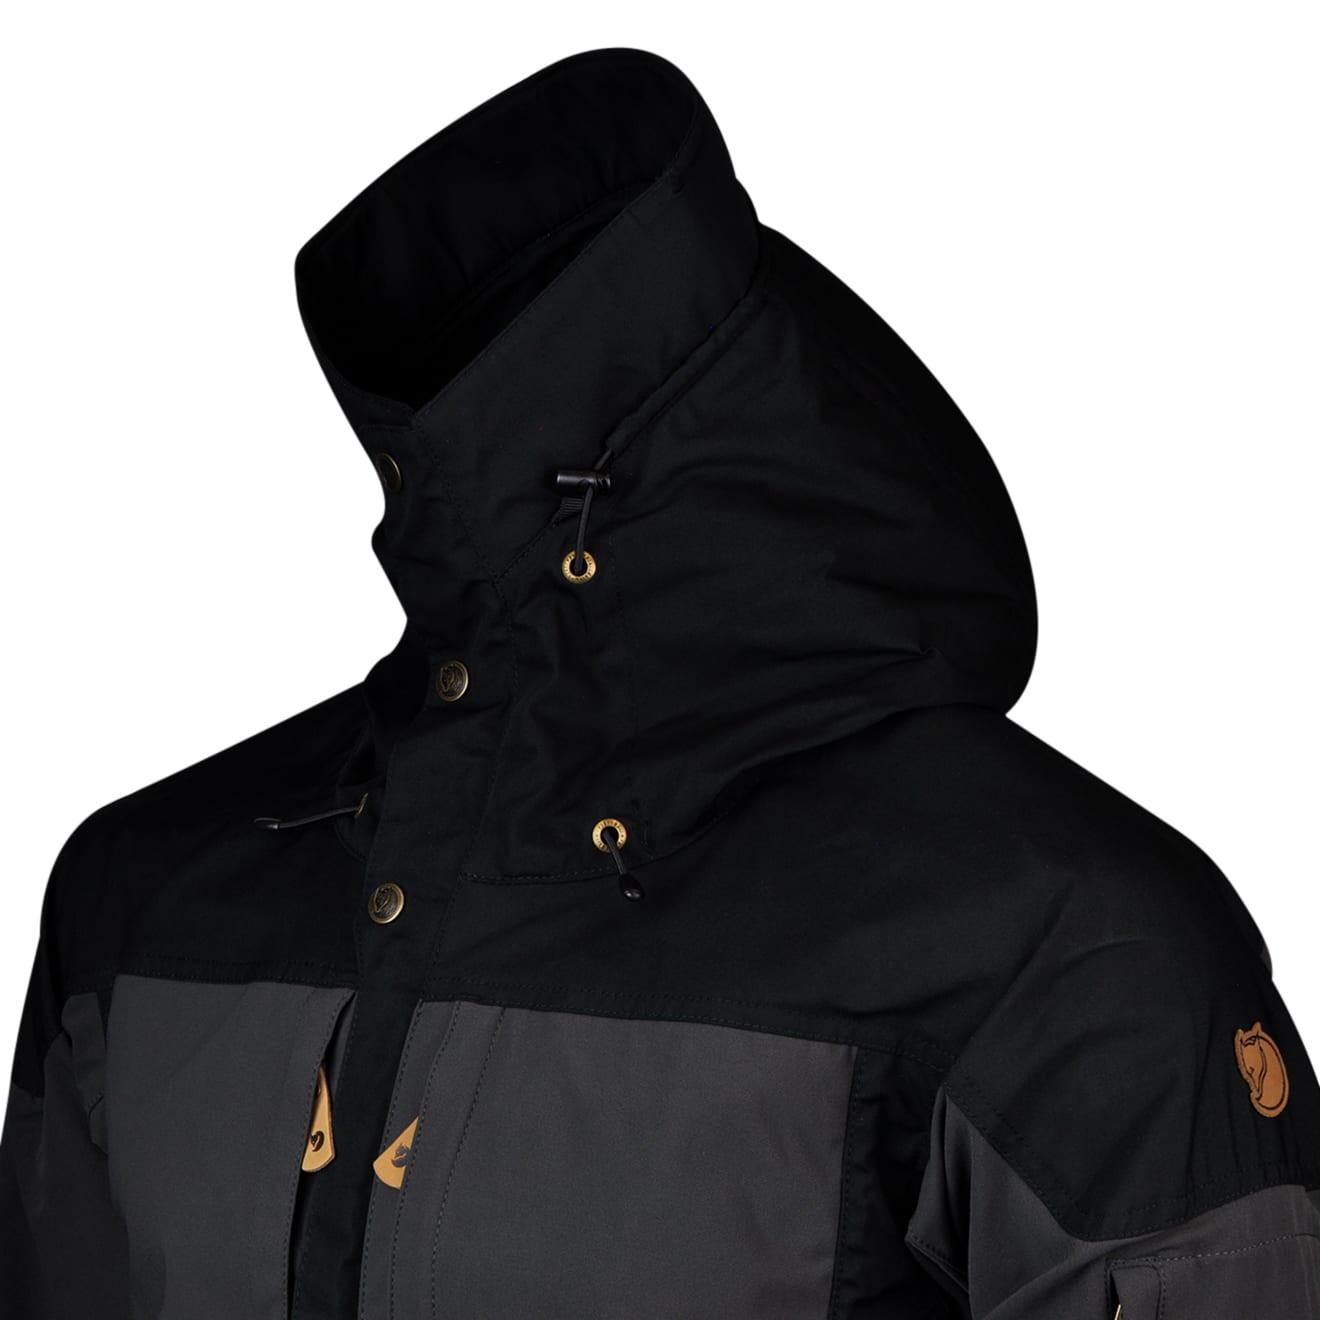 Werksverkauf niedrigster Rabatt Tropfenverschiffen Fjallraven Keb Jacket Black - The Sporting Lodge